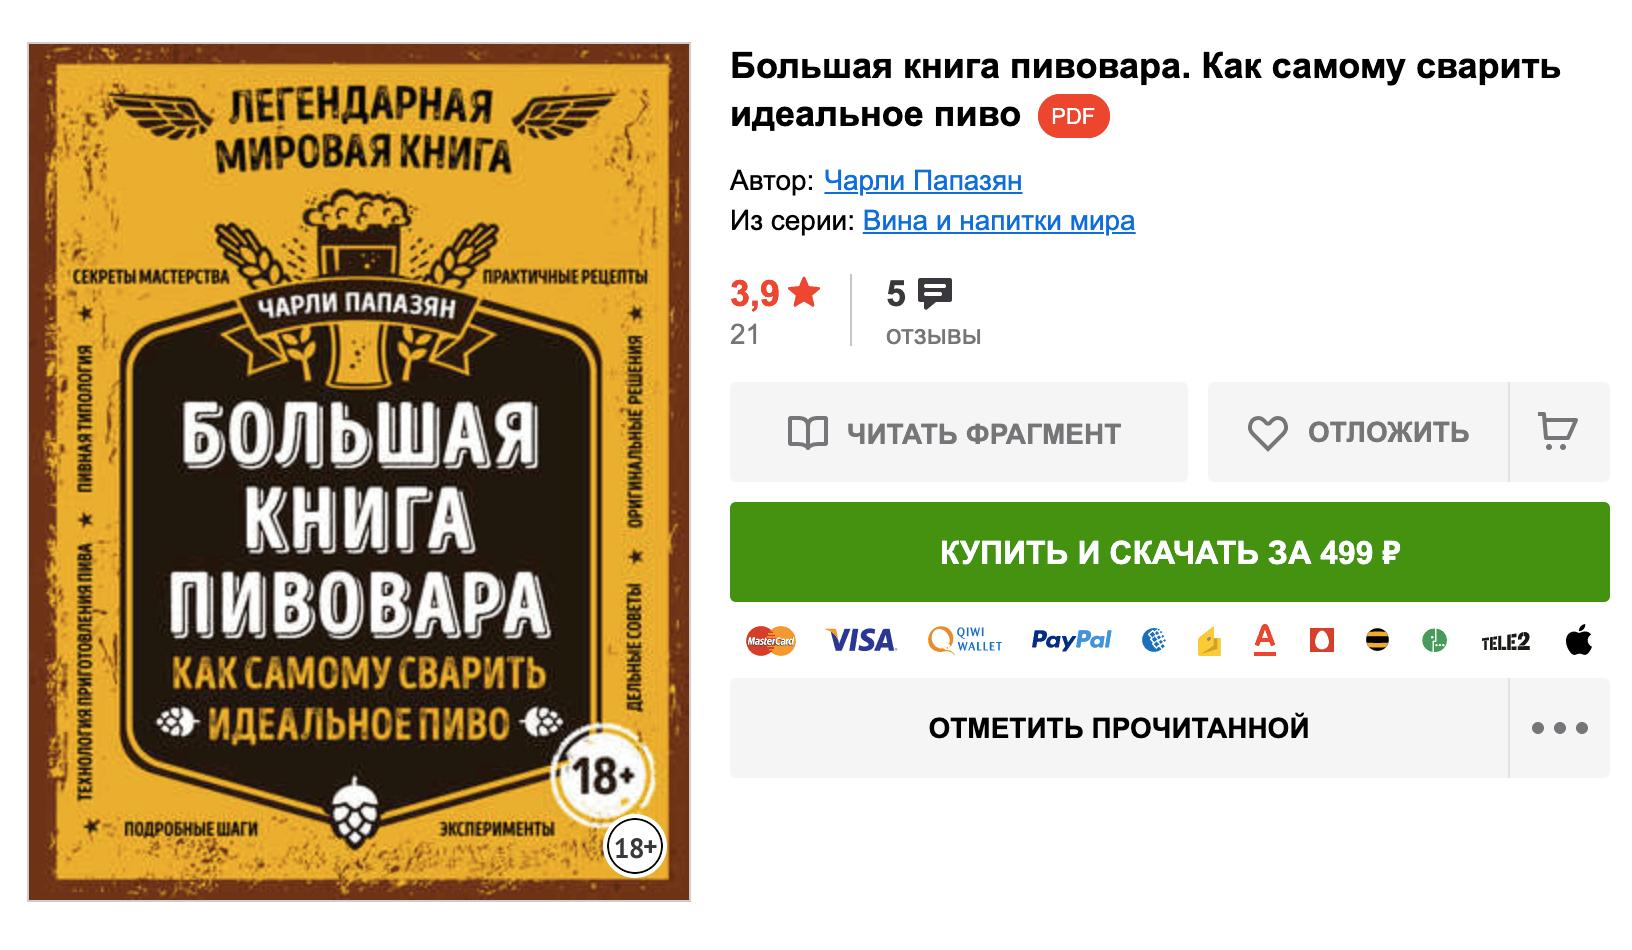 «Большую книгу пивовара» можно купить в электронном или бумажном виде